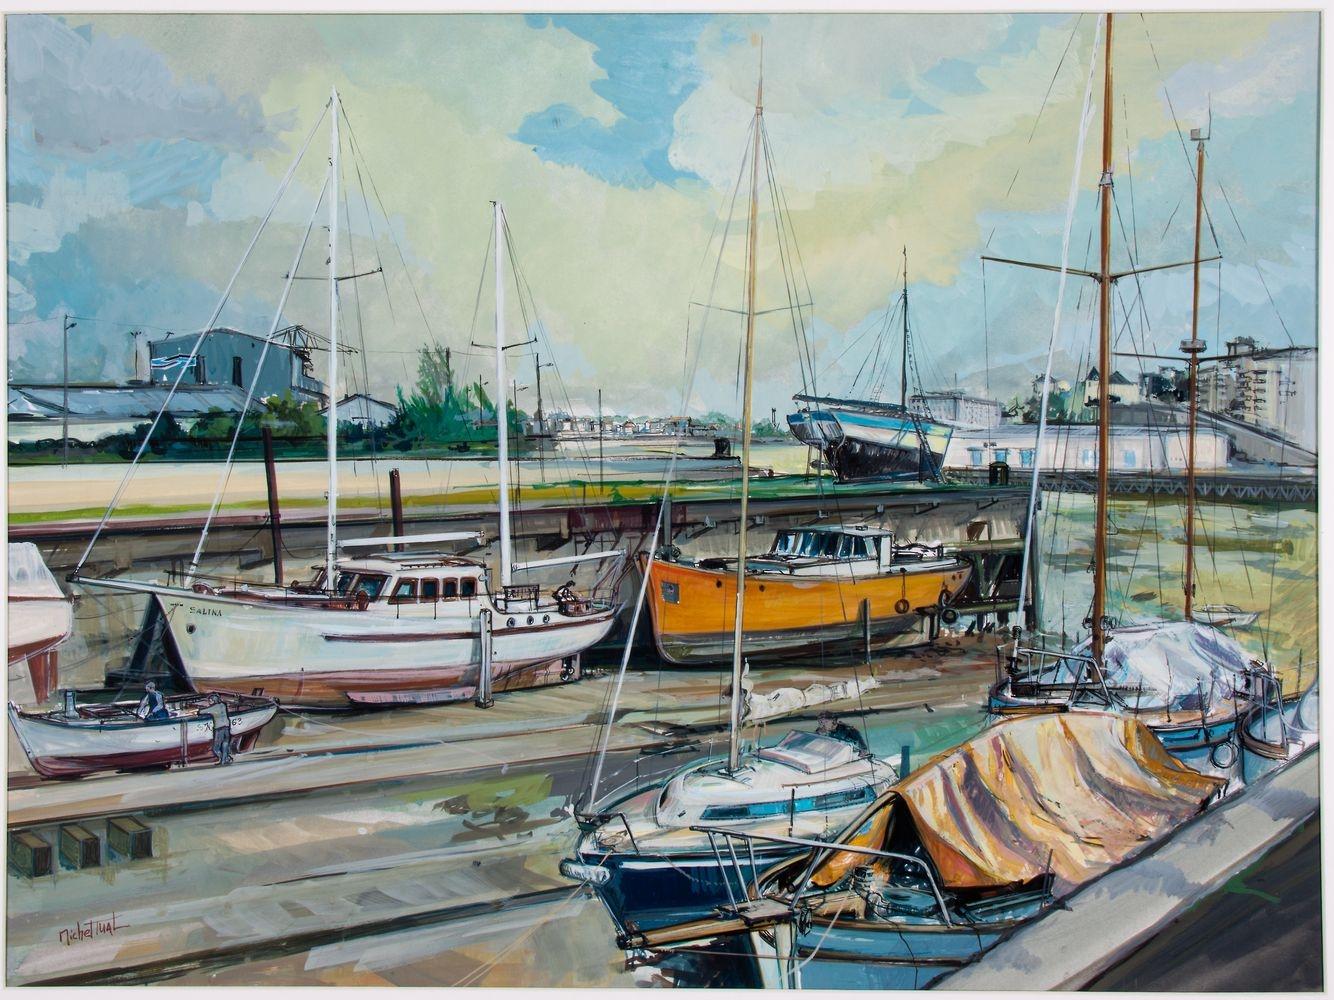 Peinture la Cale 2 l'île - Michel Tual